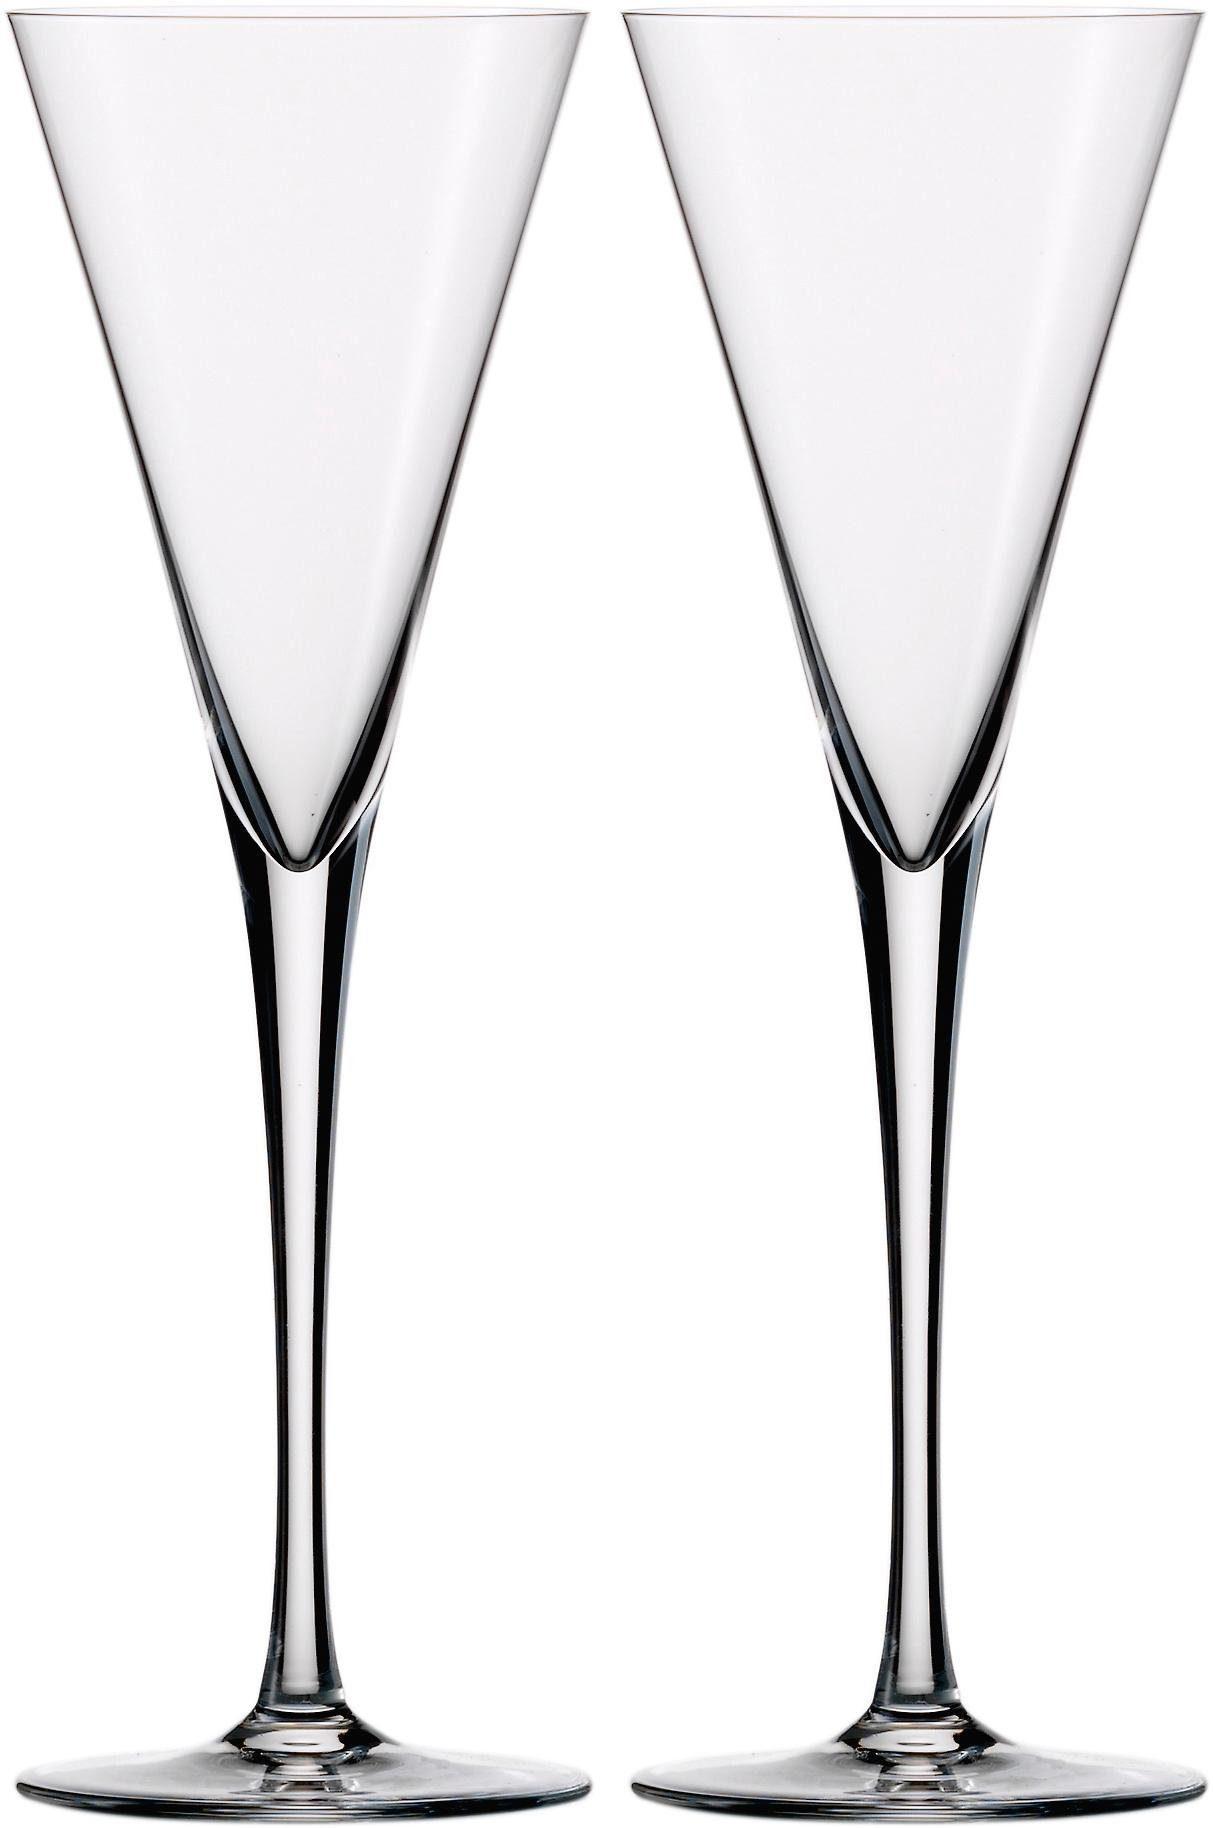 Eisch Sektglas Jeunesse, (Set, 2 tlg.), bleifreies Kristallglas, 180 ml farblos Kristallgläser Gläser Glaswaren Haushaltswaren